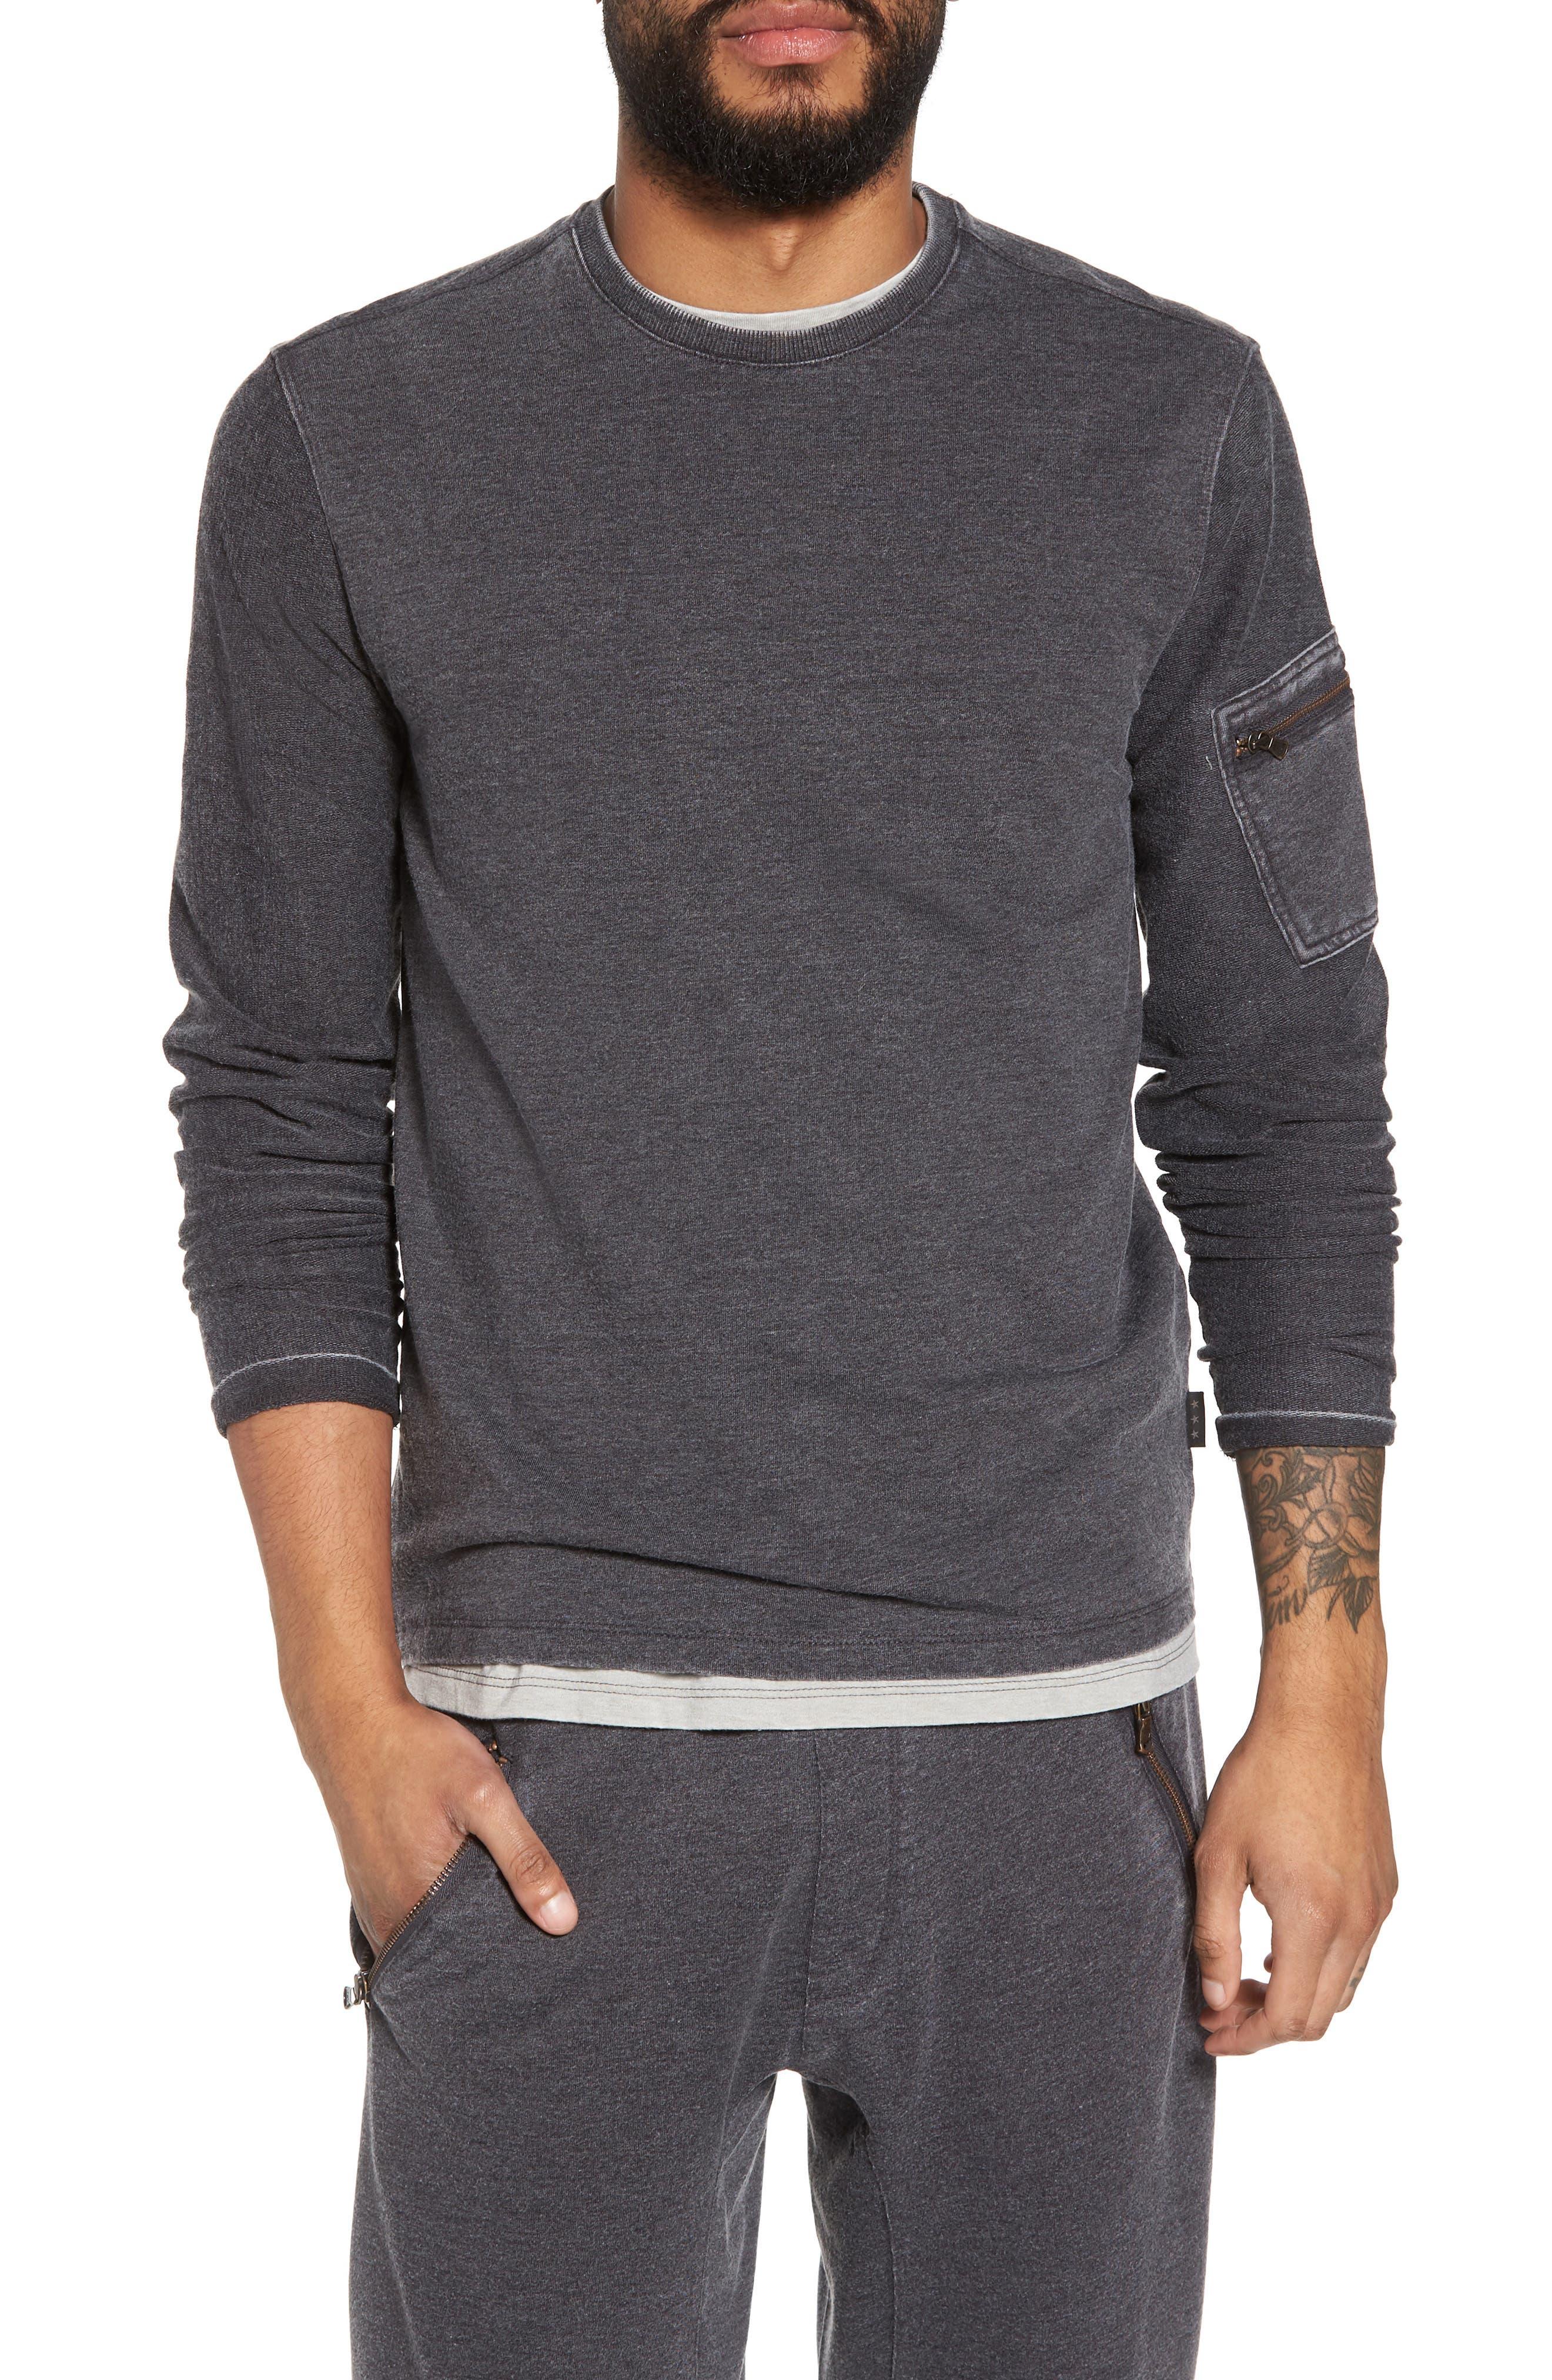 John Varvatos Star USA French Terry Crewneck Sweater